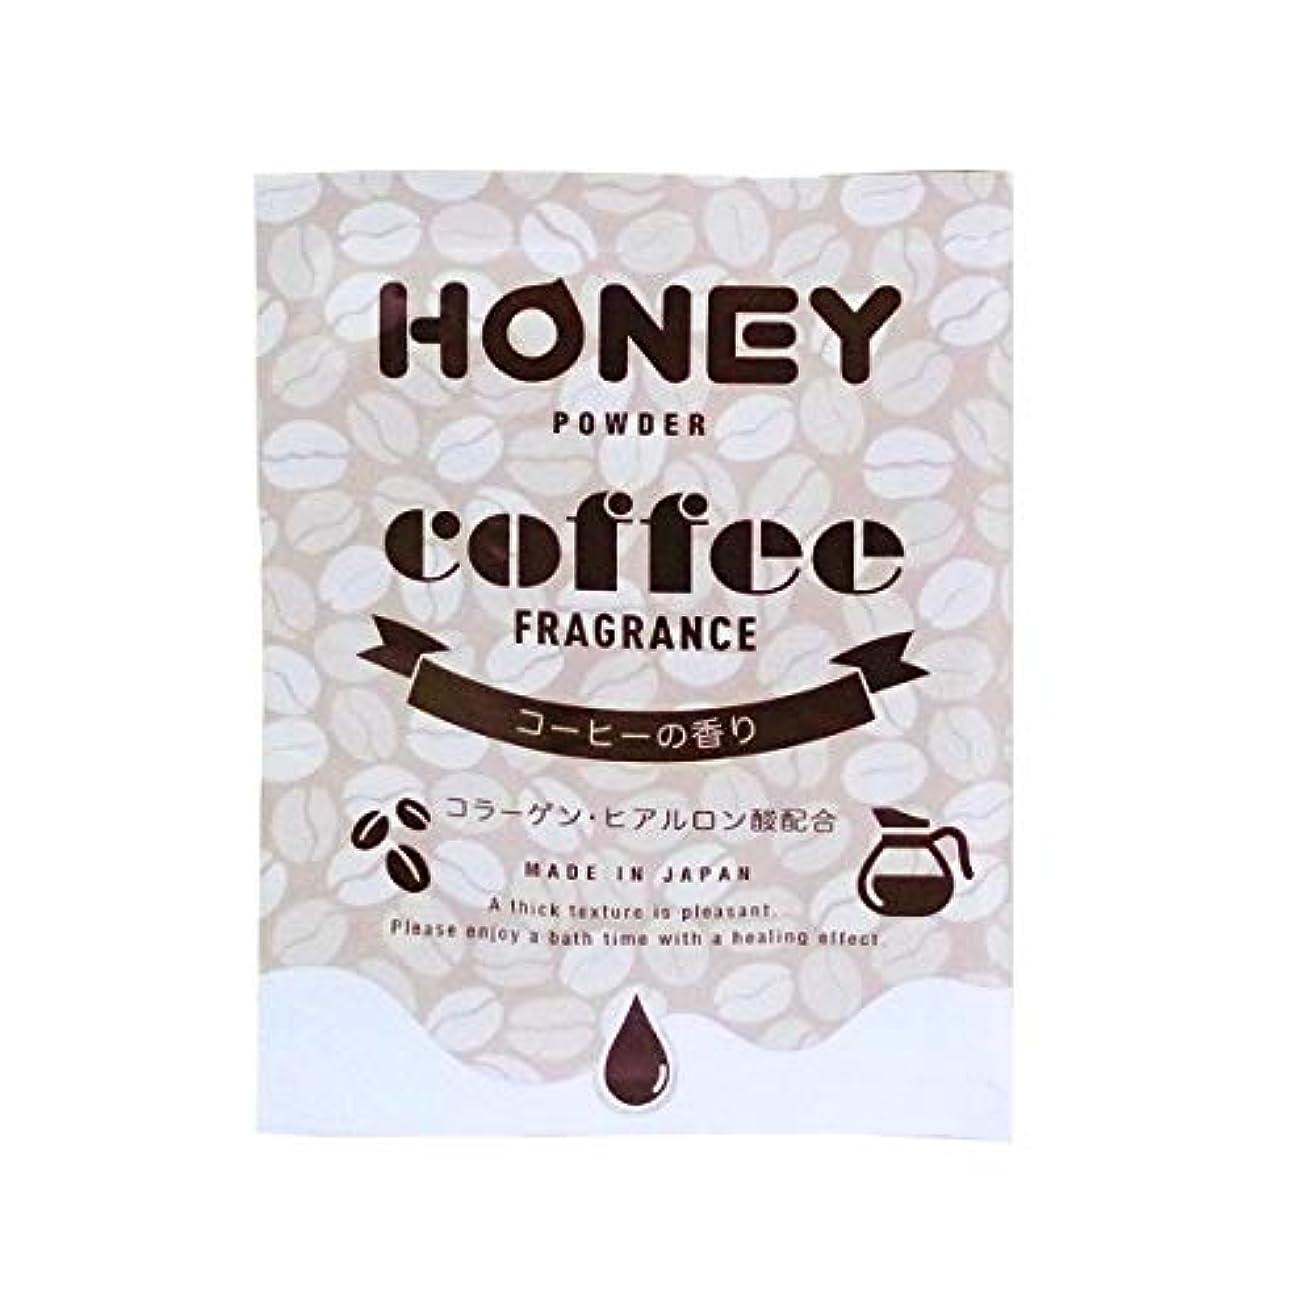 移植領収書ソースとろとろ入浴剤【honey powder】(ハニーパウダー) 2個セット コーヒーの香り 粉末タイプ ローション